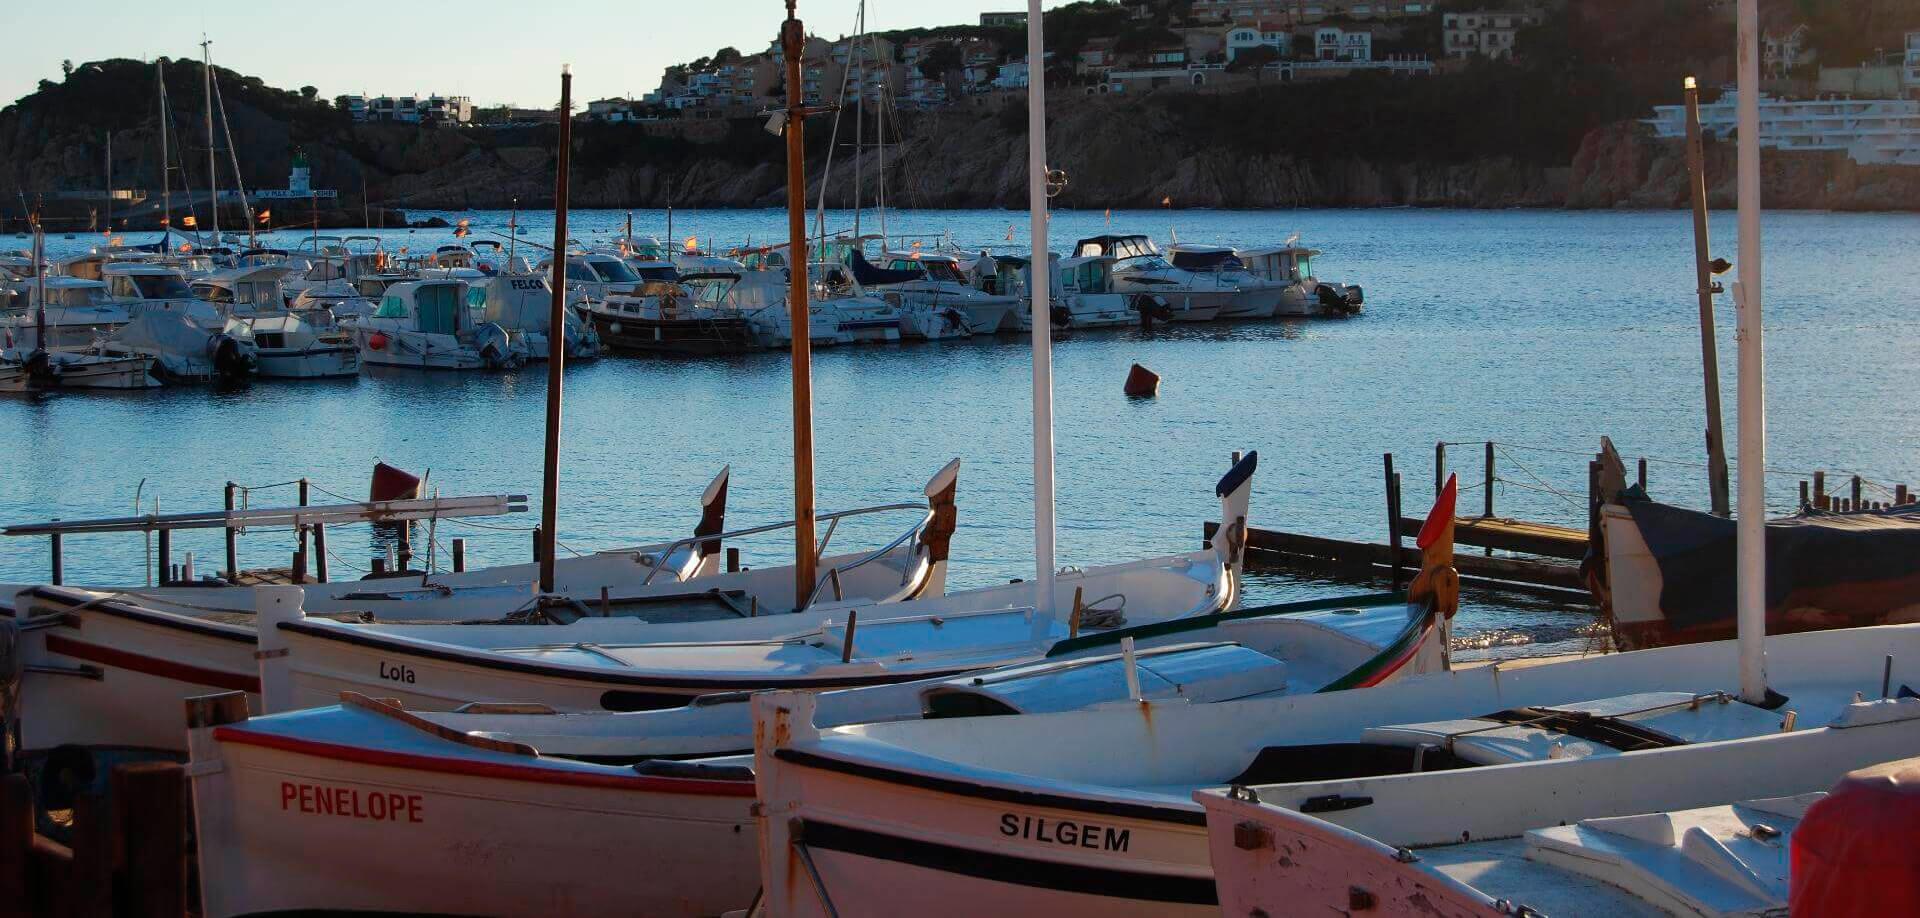 Sitges - Sant Feliu de Guixols